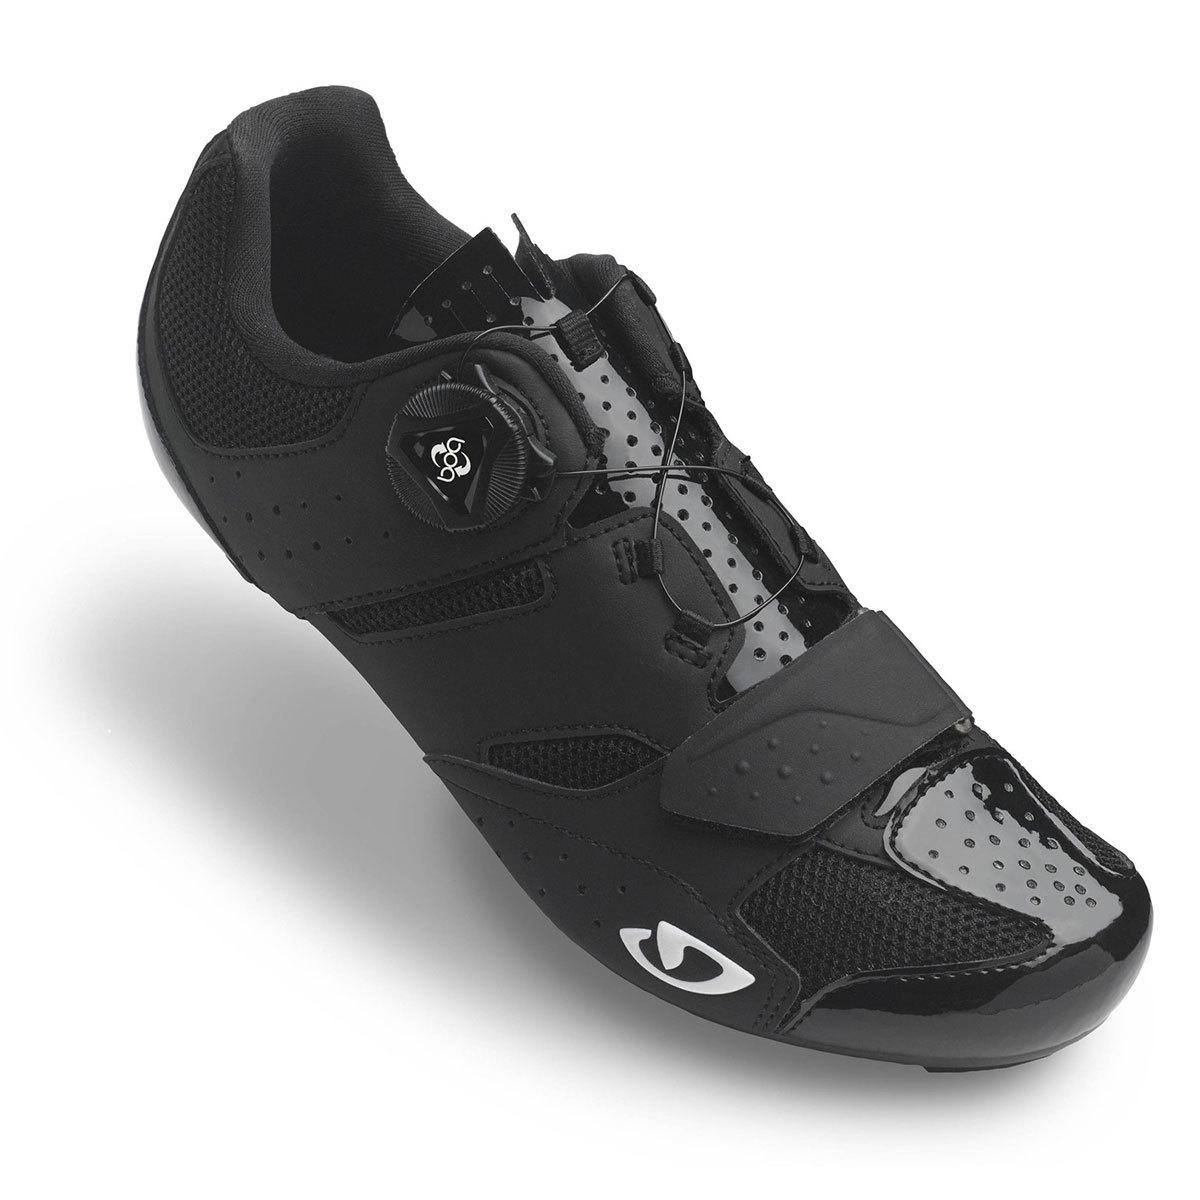 Giro Women's Savix Shoe - Size 40